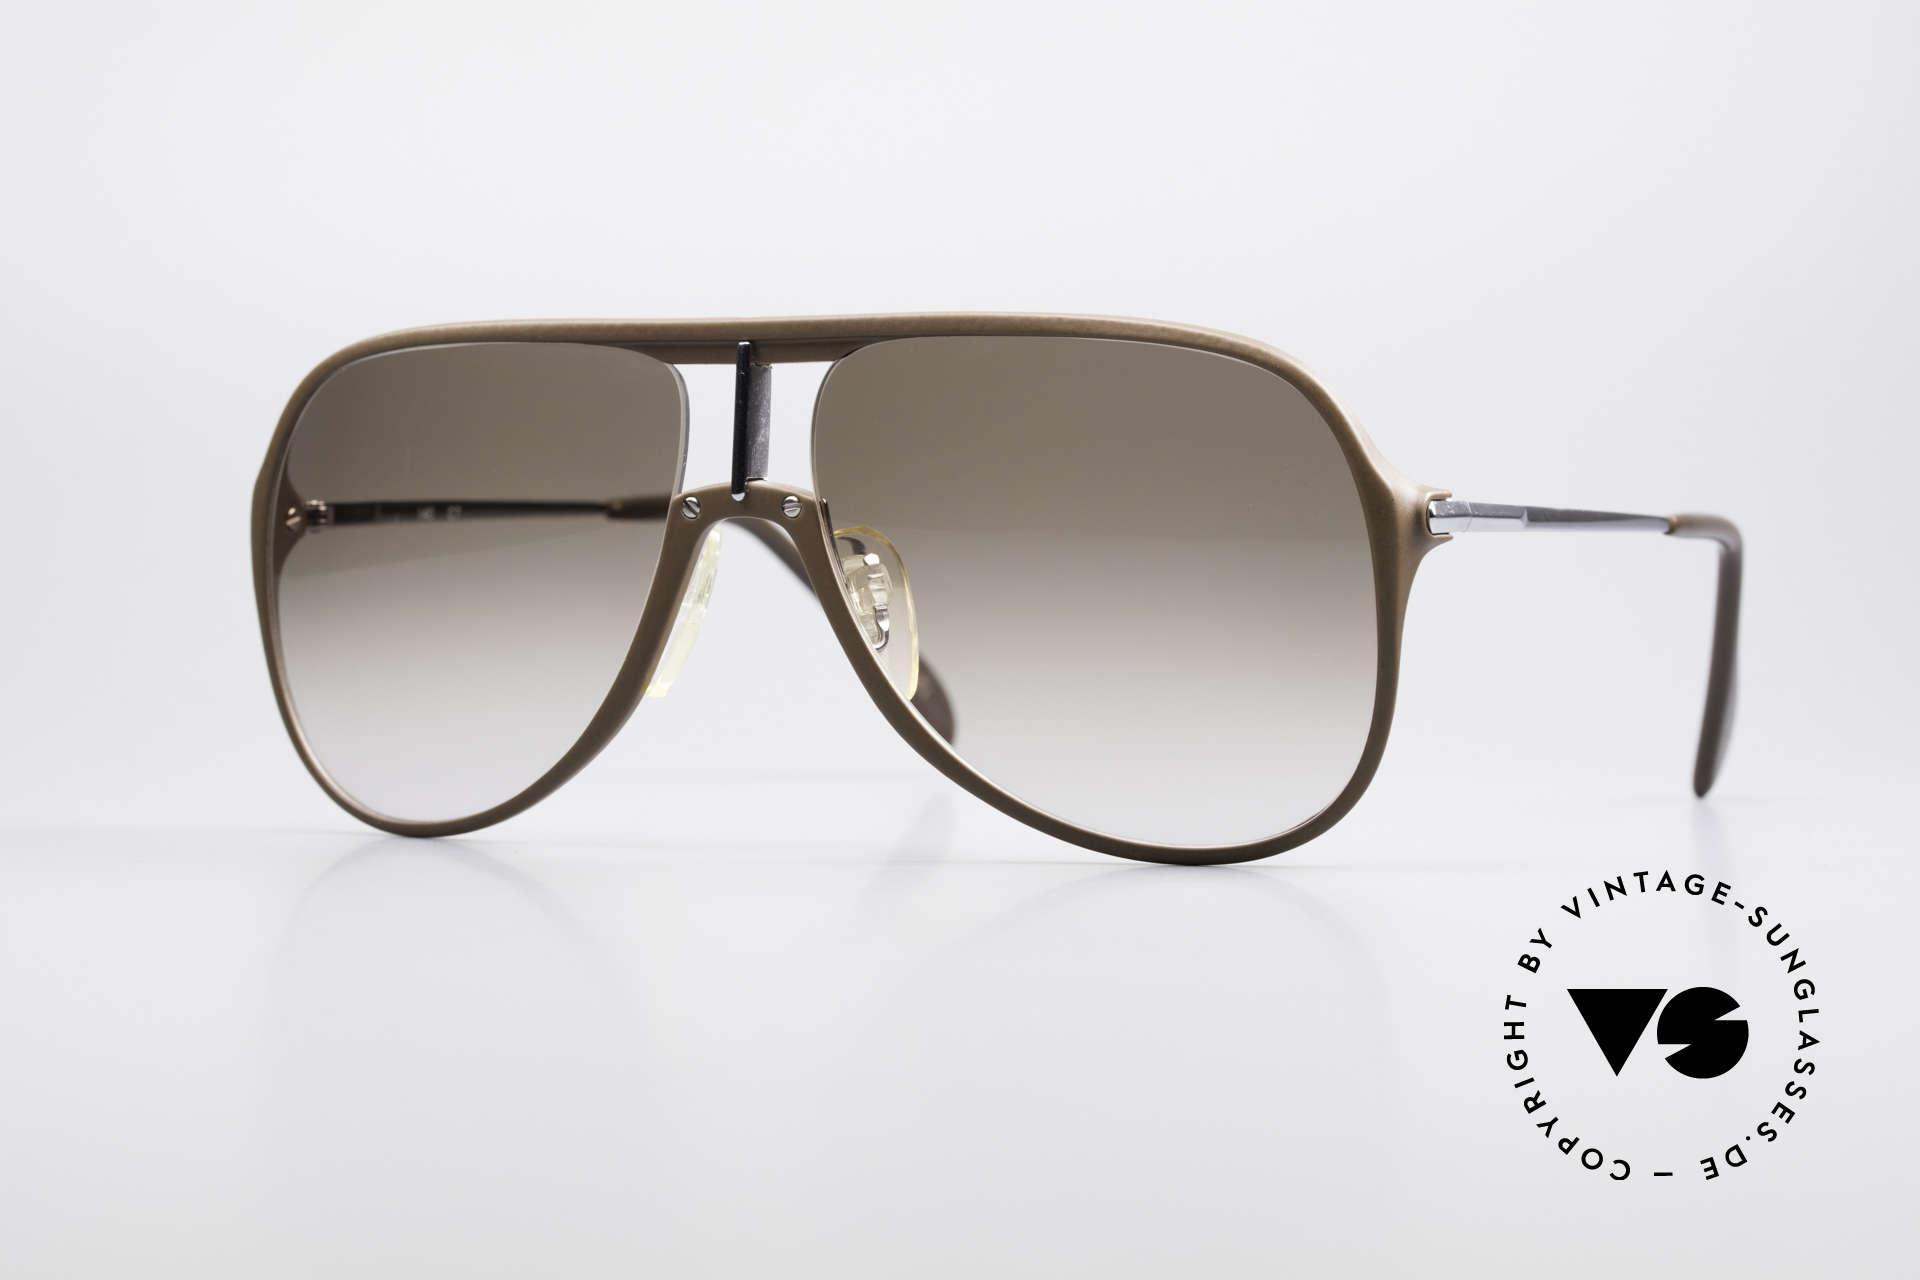 Menrad 727 80er Sonnenbrille Herren, stylisch elegante vintage Sonnenbrille von MENRAD, Passend für Herren